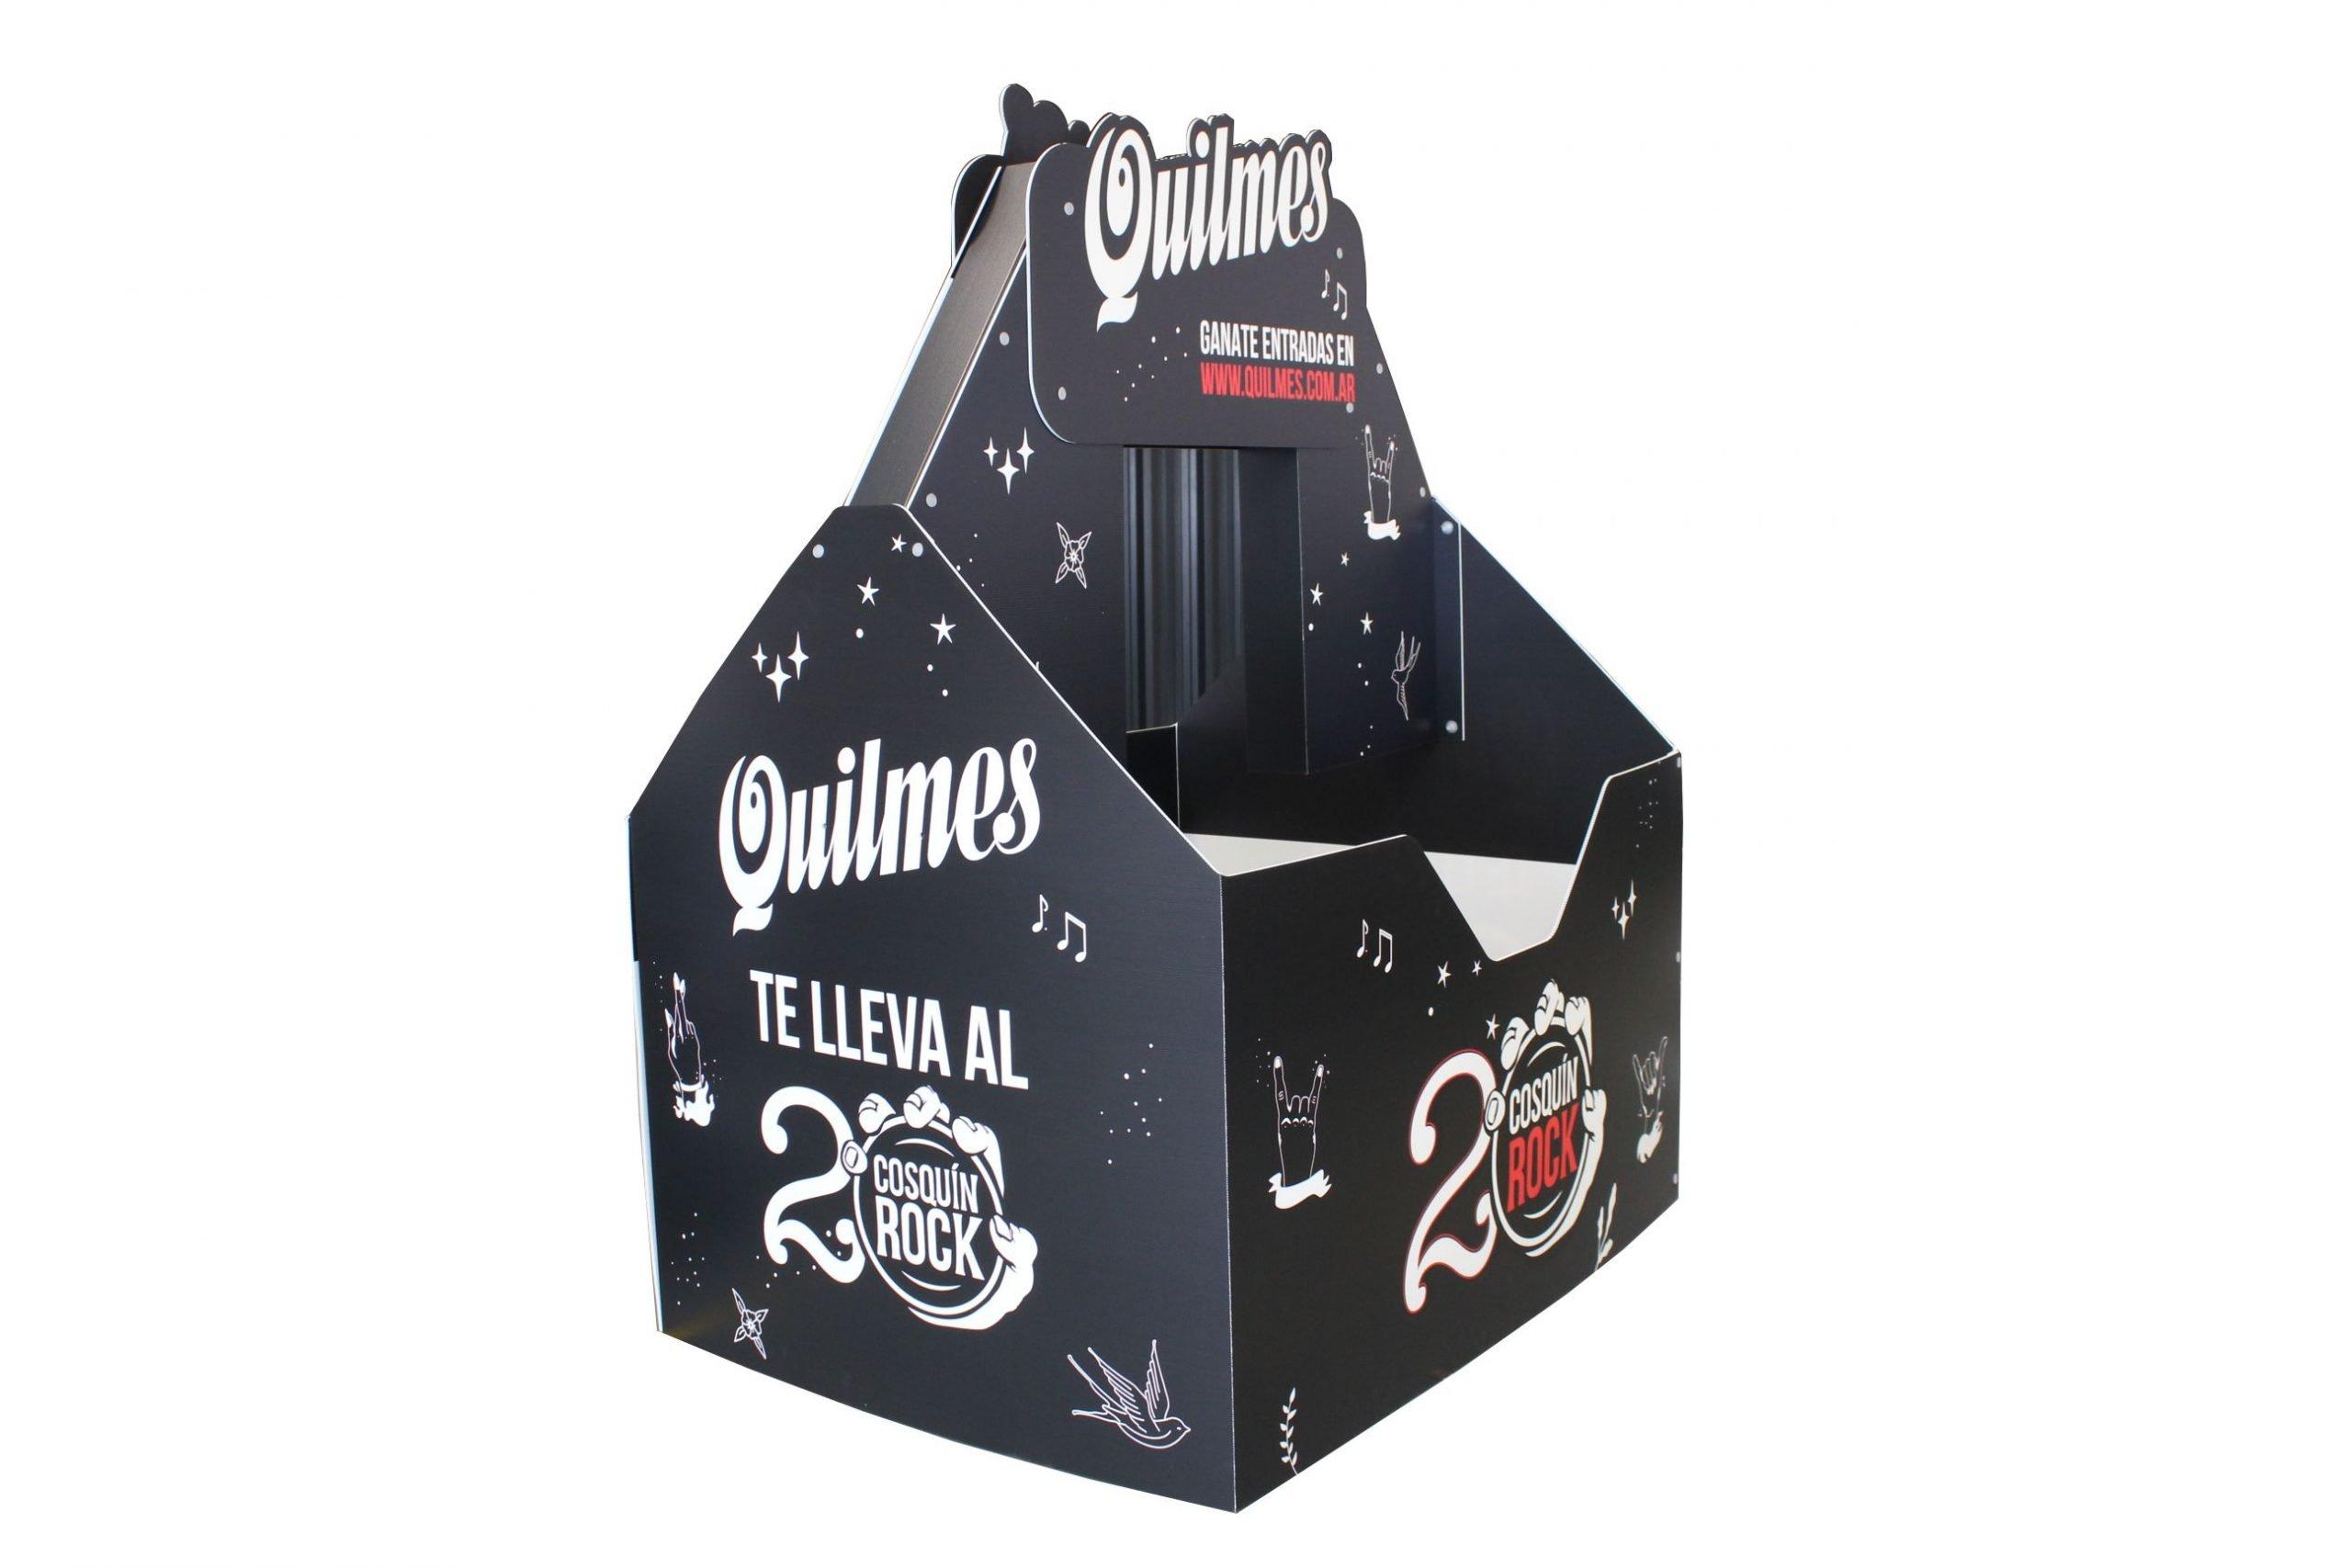 Quilmes COSQUIN ROCK 2020 fondo